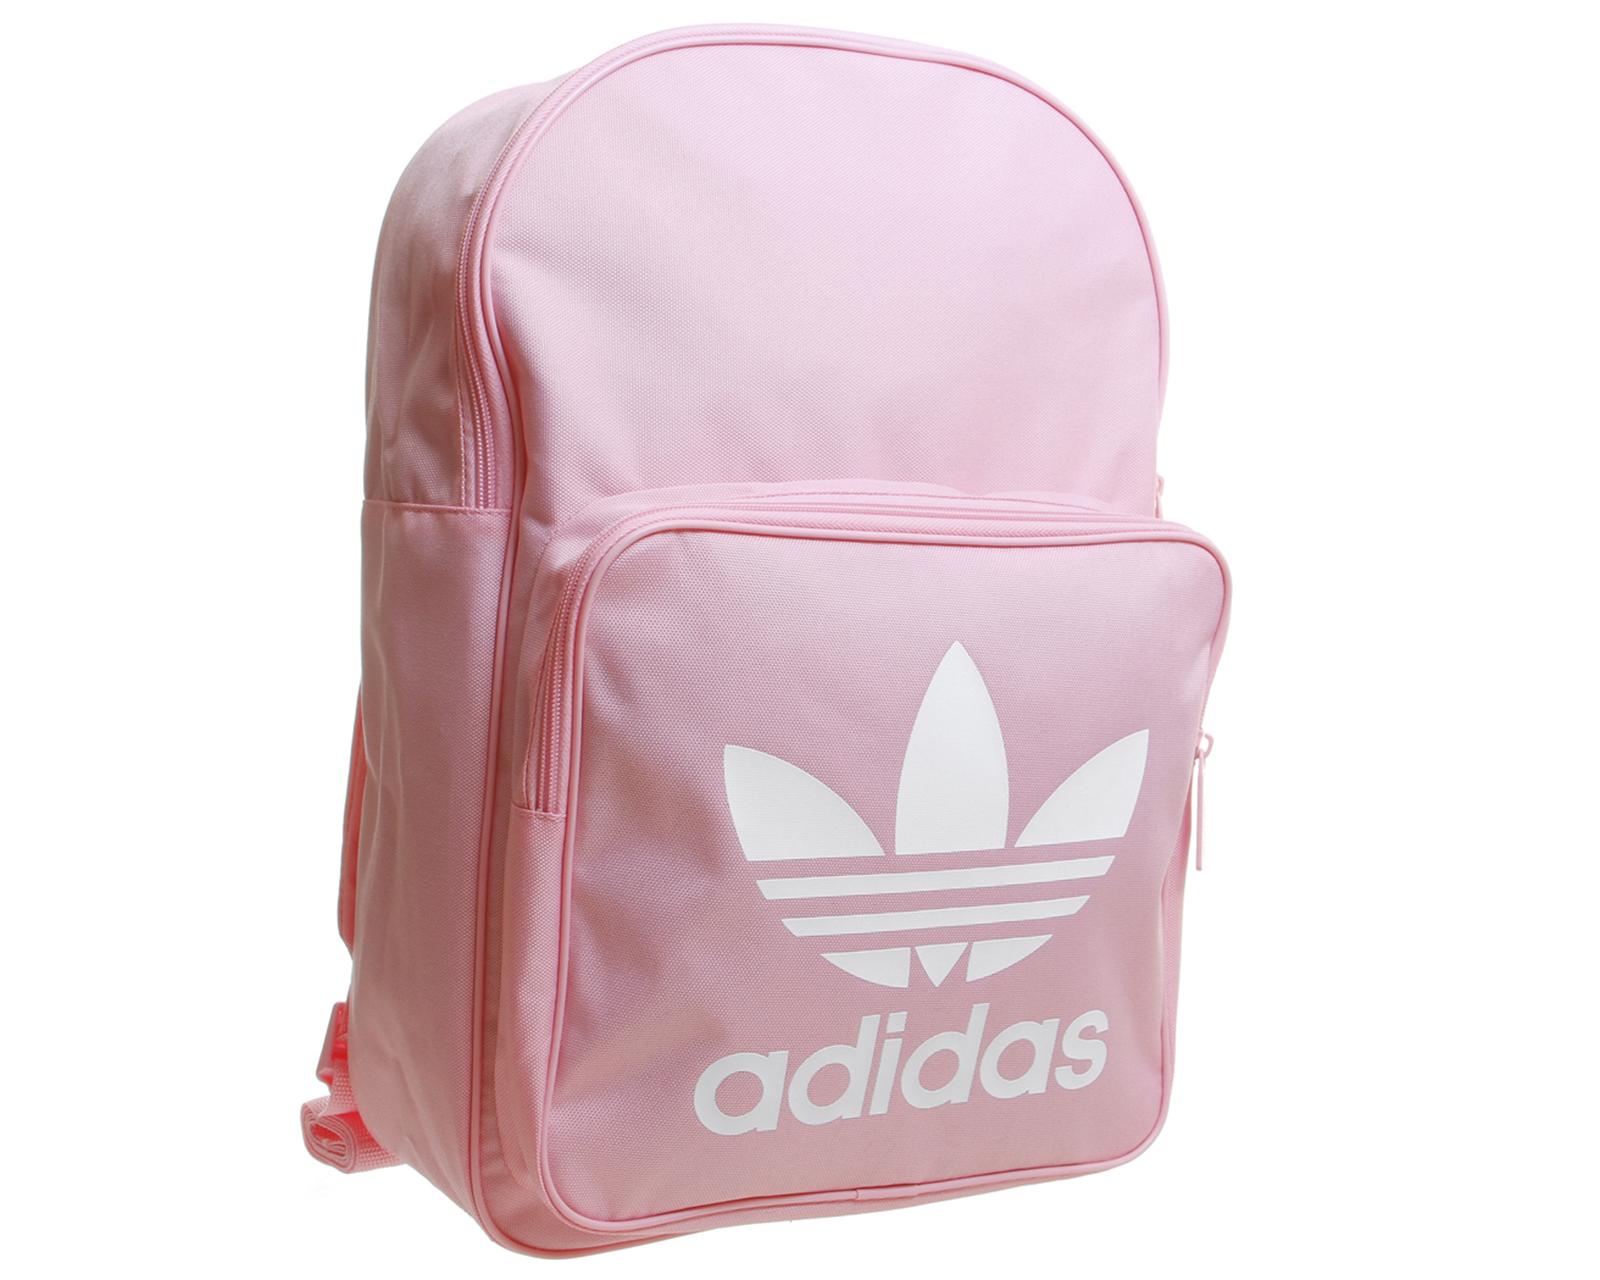 c5c15965e CENTINELA Trébol de Adidas Classic accesorios mochilas accesorios rosa luz